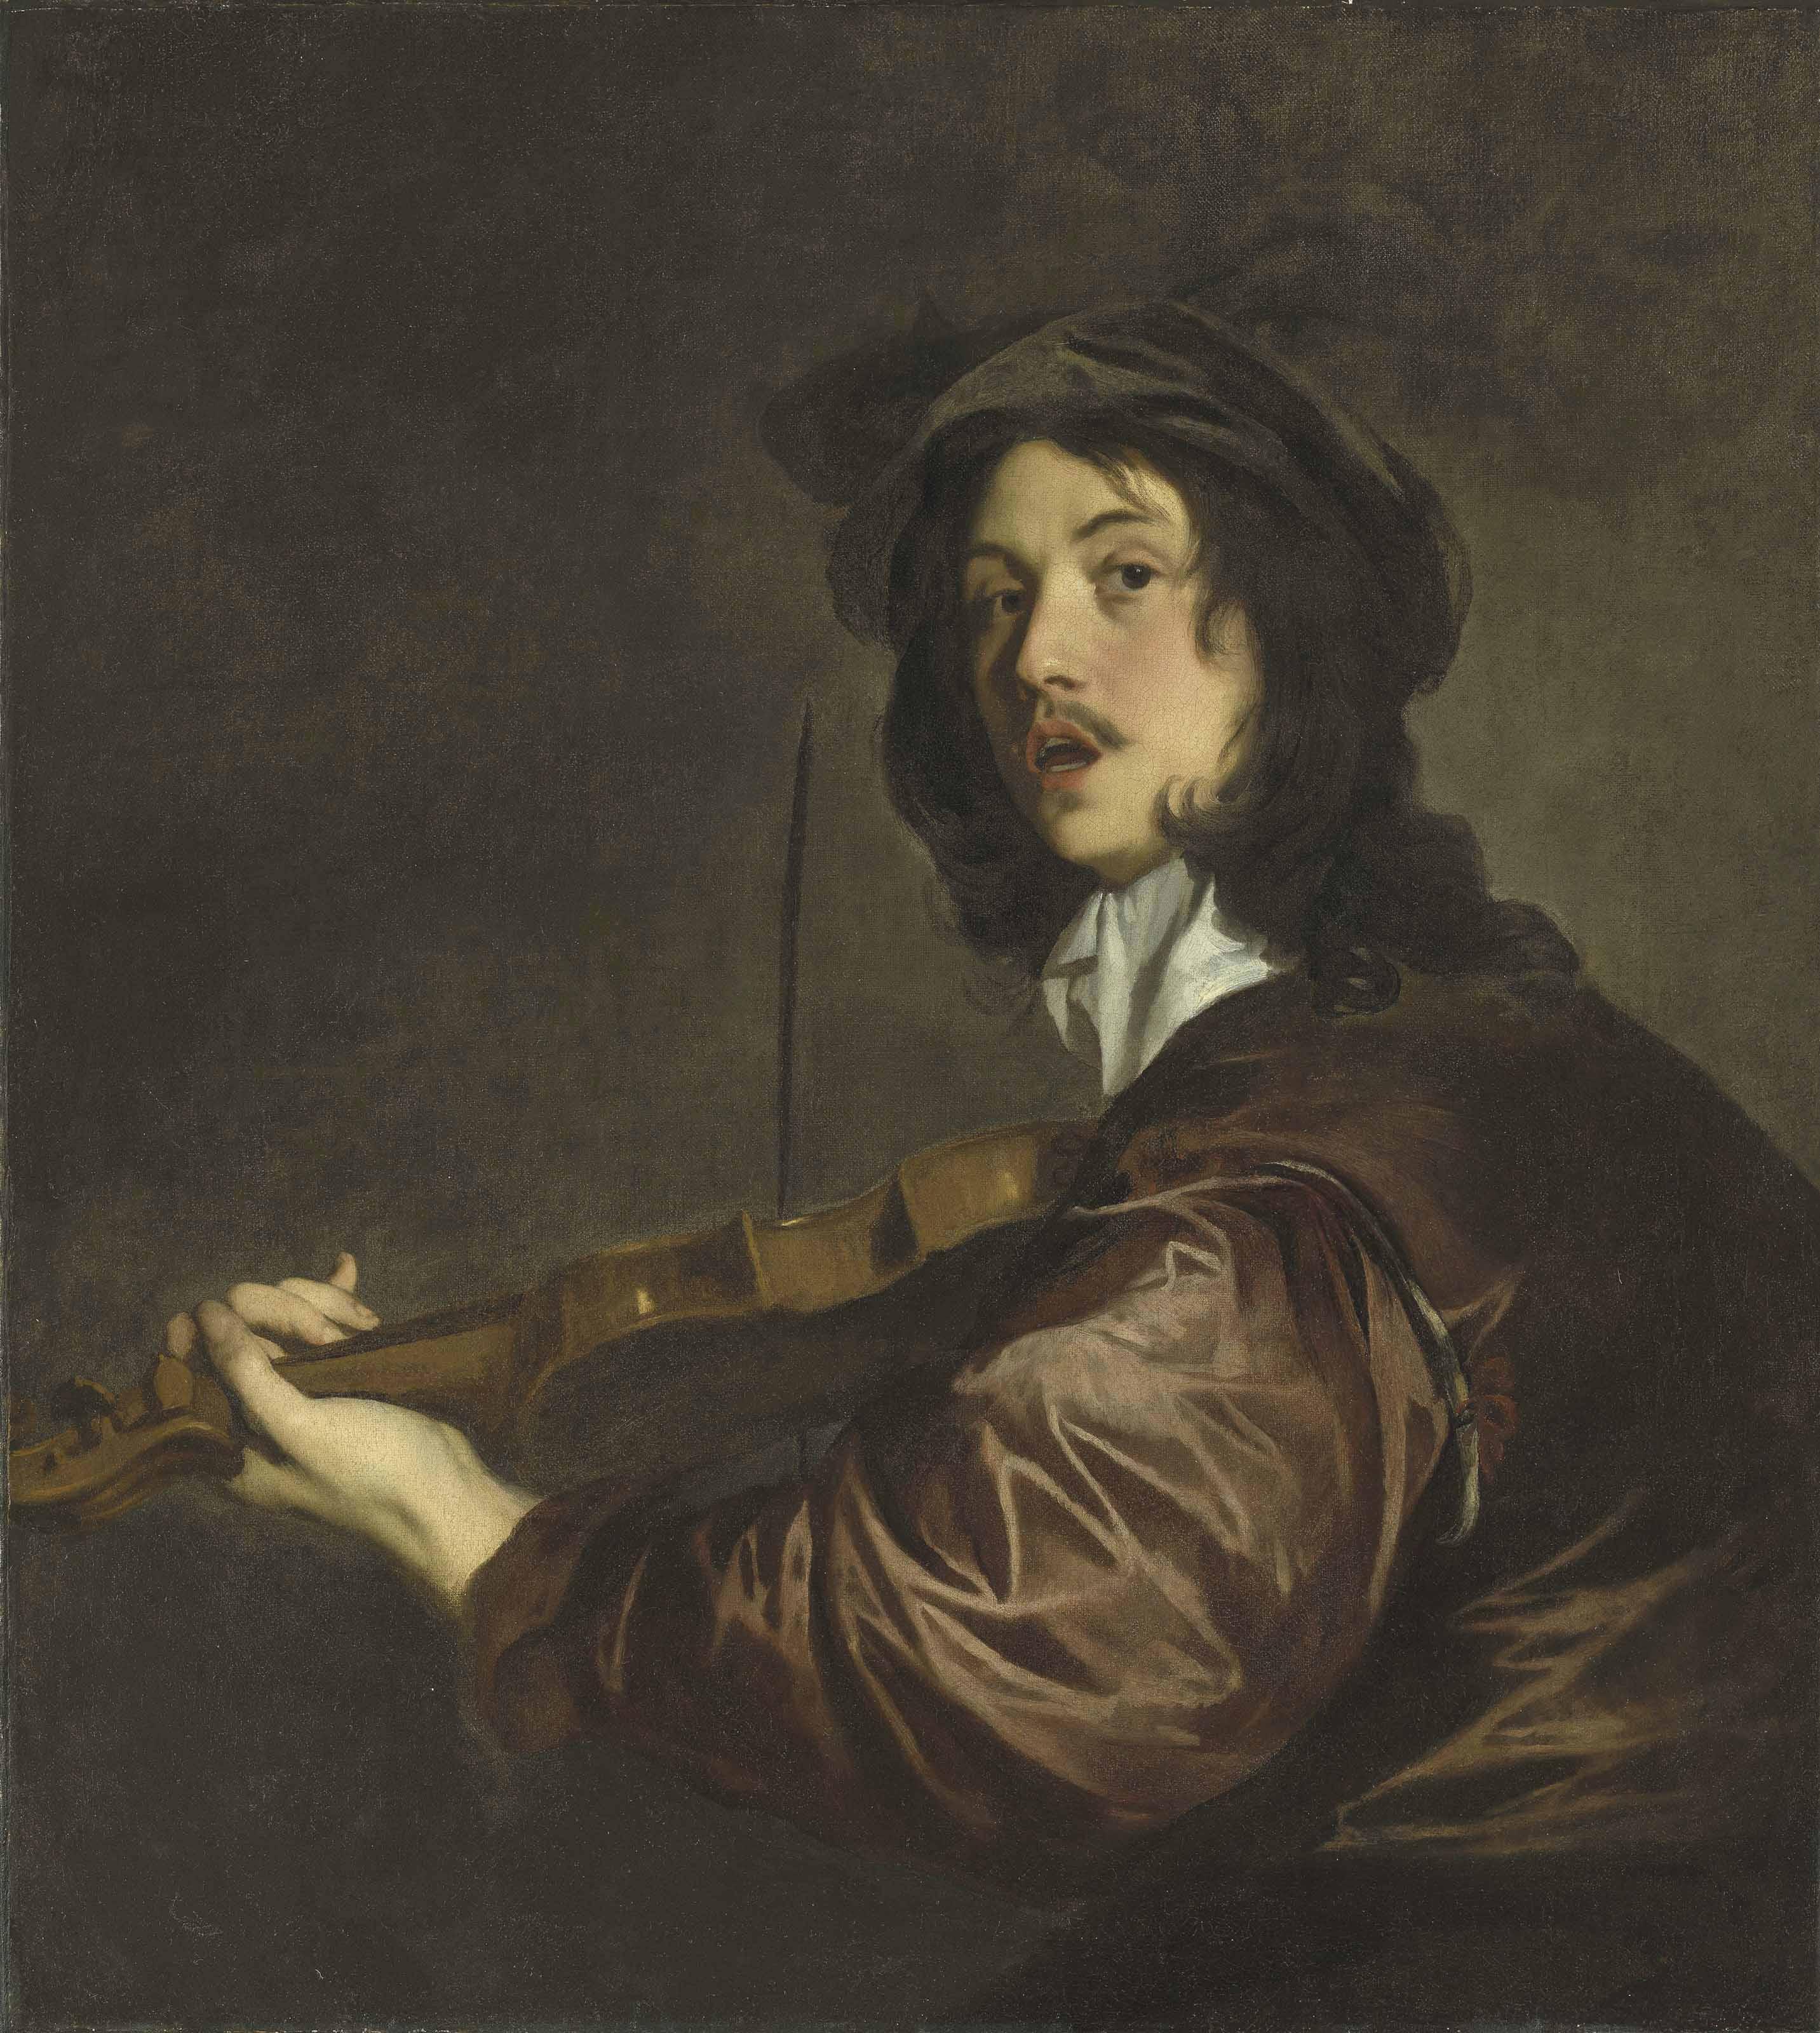 Sir Peter Lely (Soest, Westphalia 1618-1680 London)